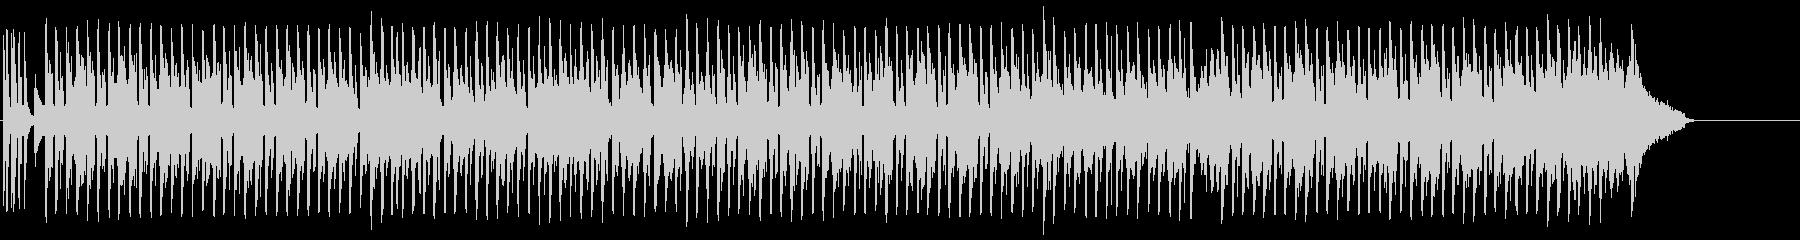 ほのぼのしたニューオリンズ・ジャズ風の曲の未再生の波形